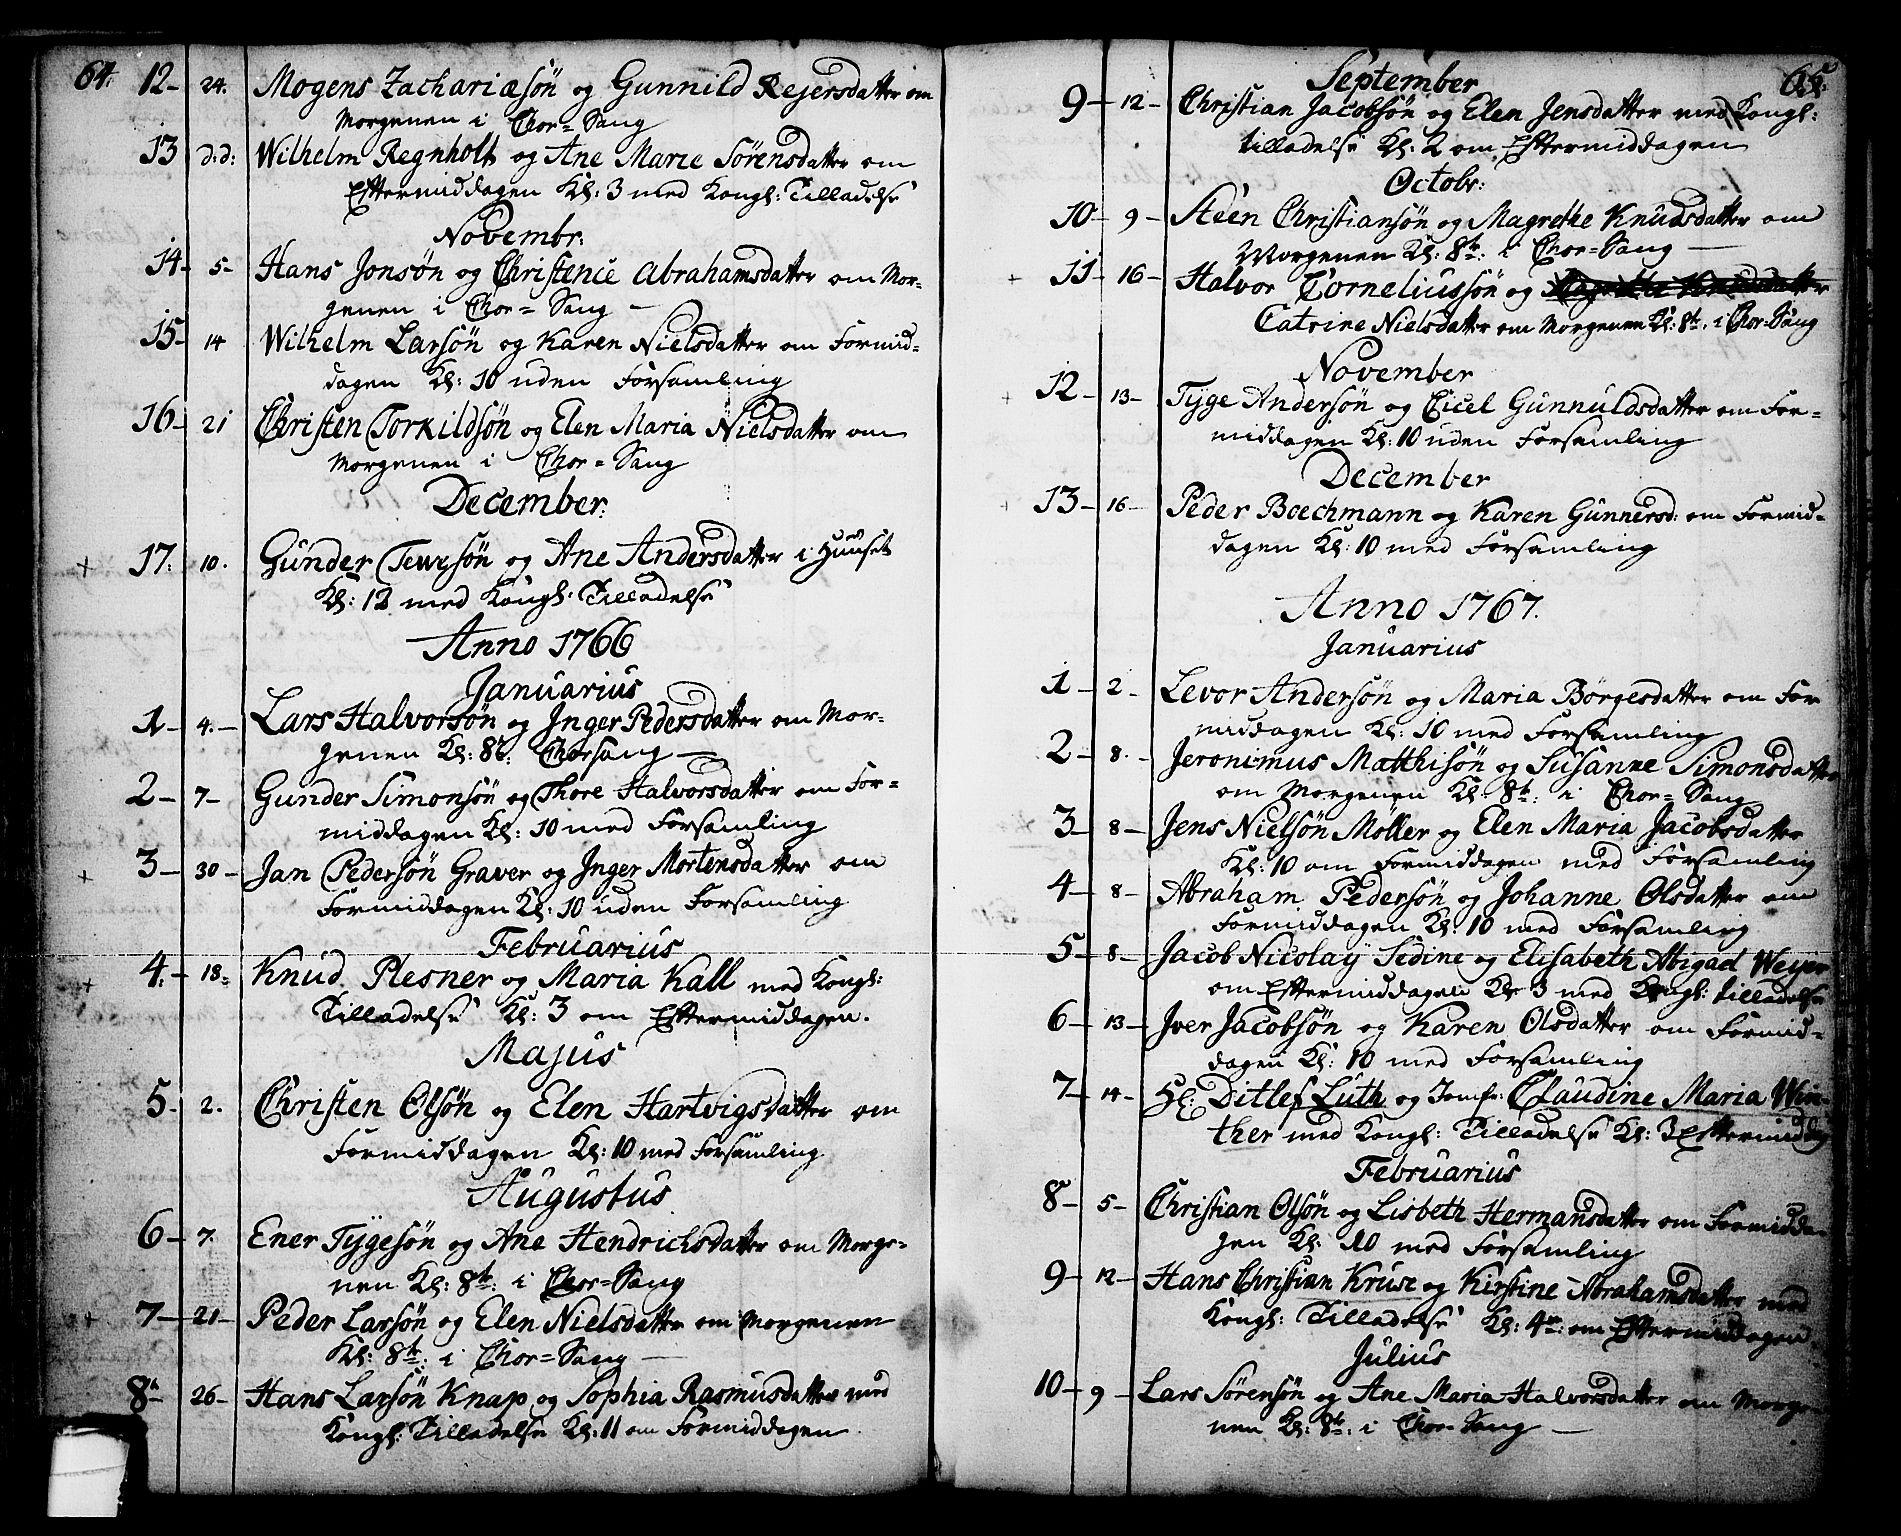 SAKO, Skien kirkebøker, F/Fa/L0003: Ministerialbok nr. 3, 1755-1791, s. 64-65